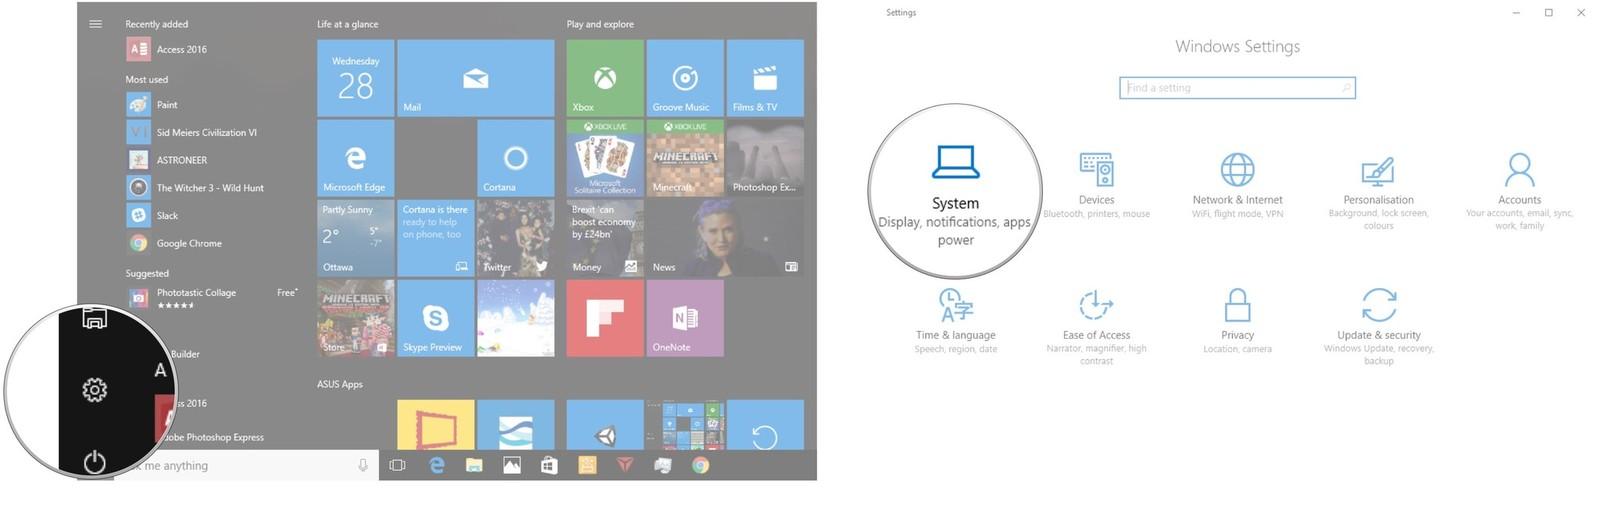 kak-izmenit-prioritet-uvedomlenijj-v-windows-10-otklyuchenie-uvedomlenijj-1